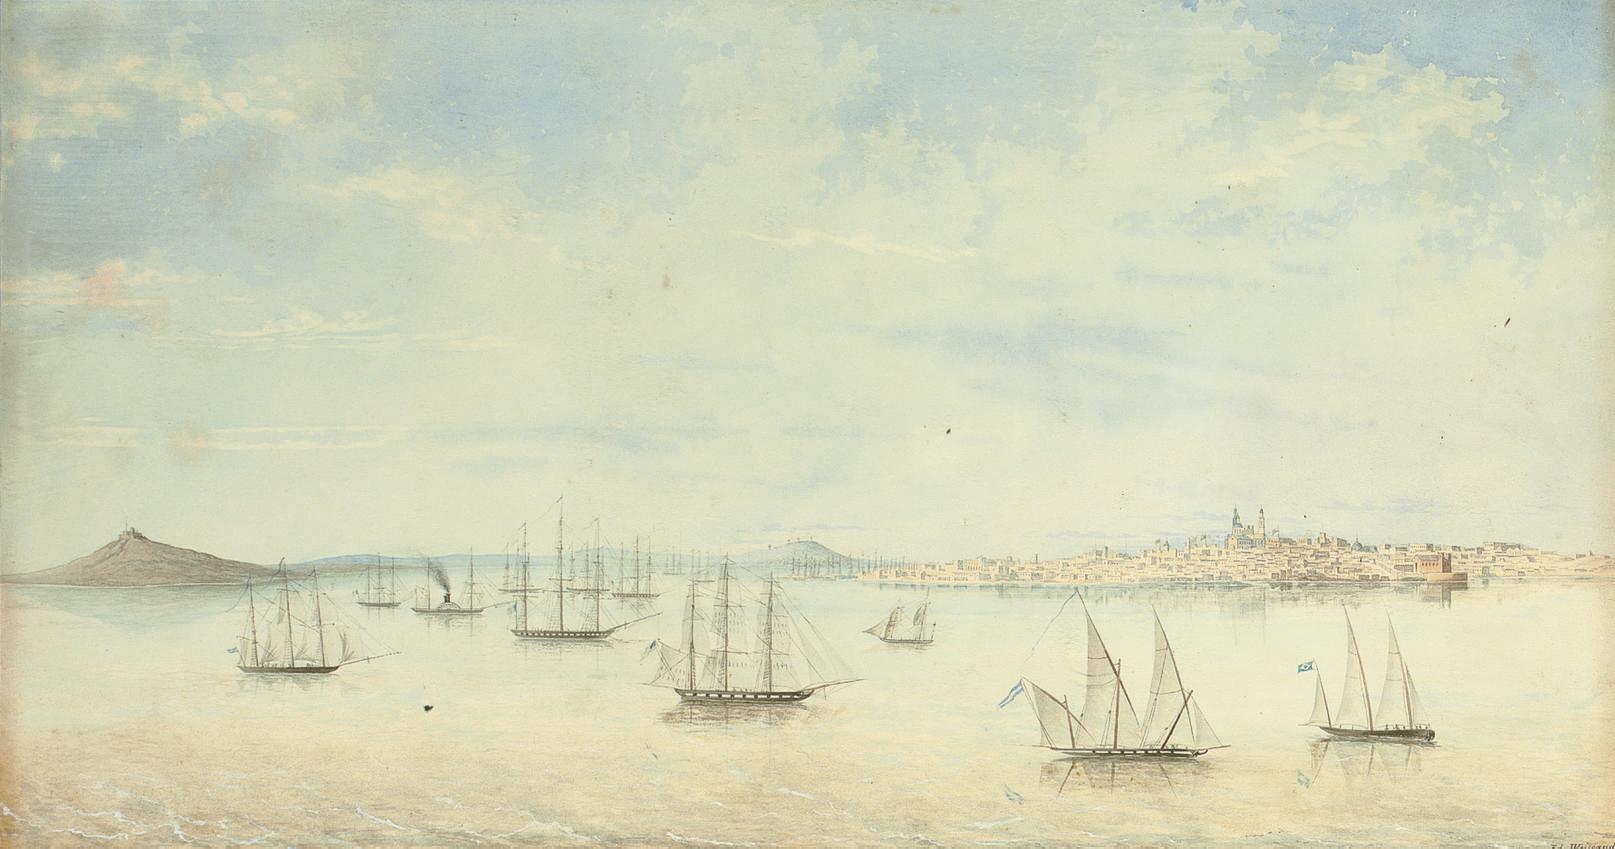 'Vue de la rade et de la ville de Montevidéo sur la Rio de la Plata. 1825 à 1828'